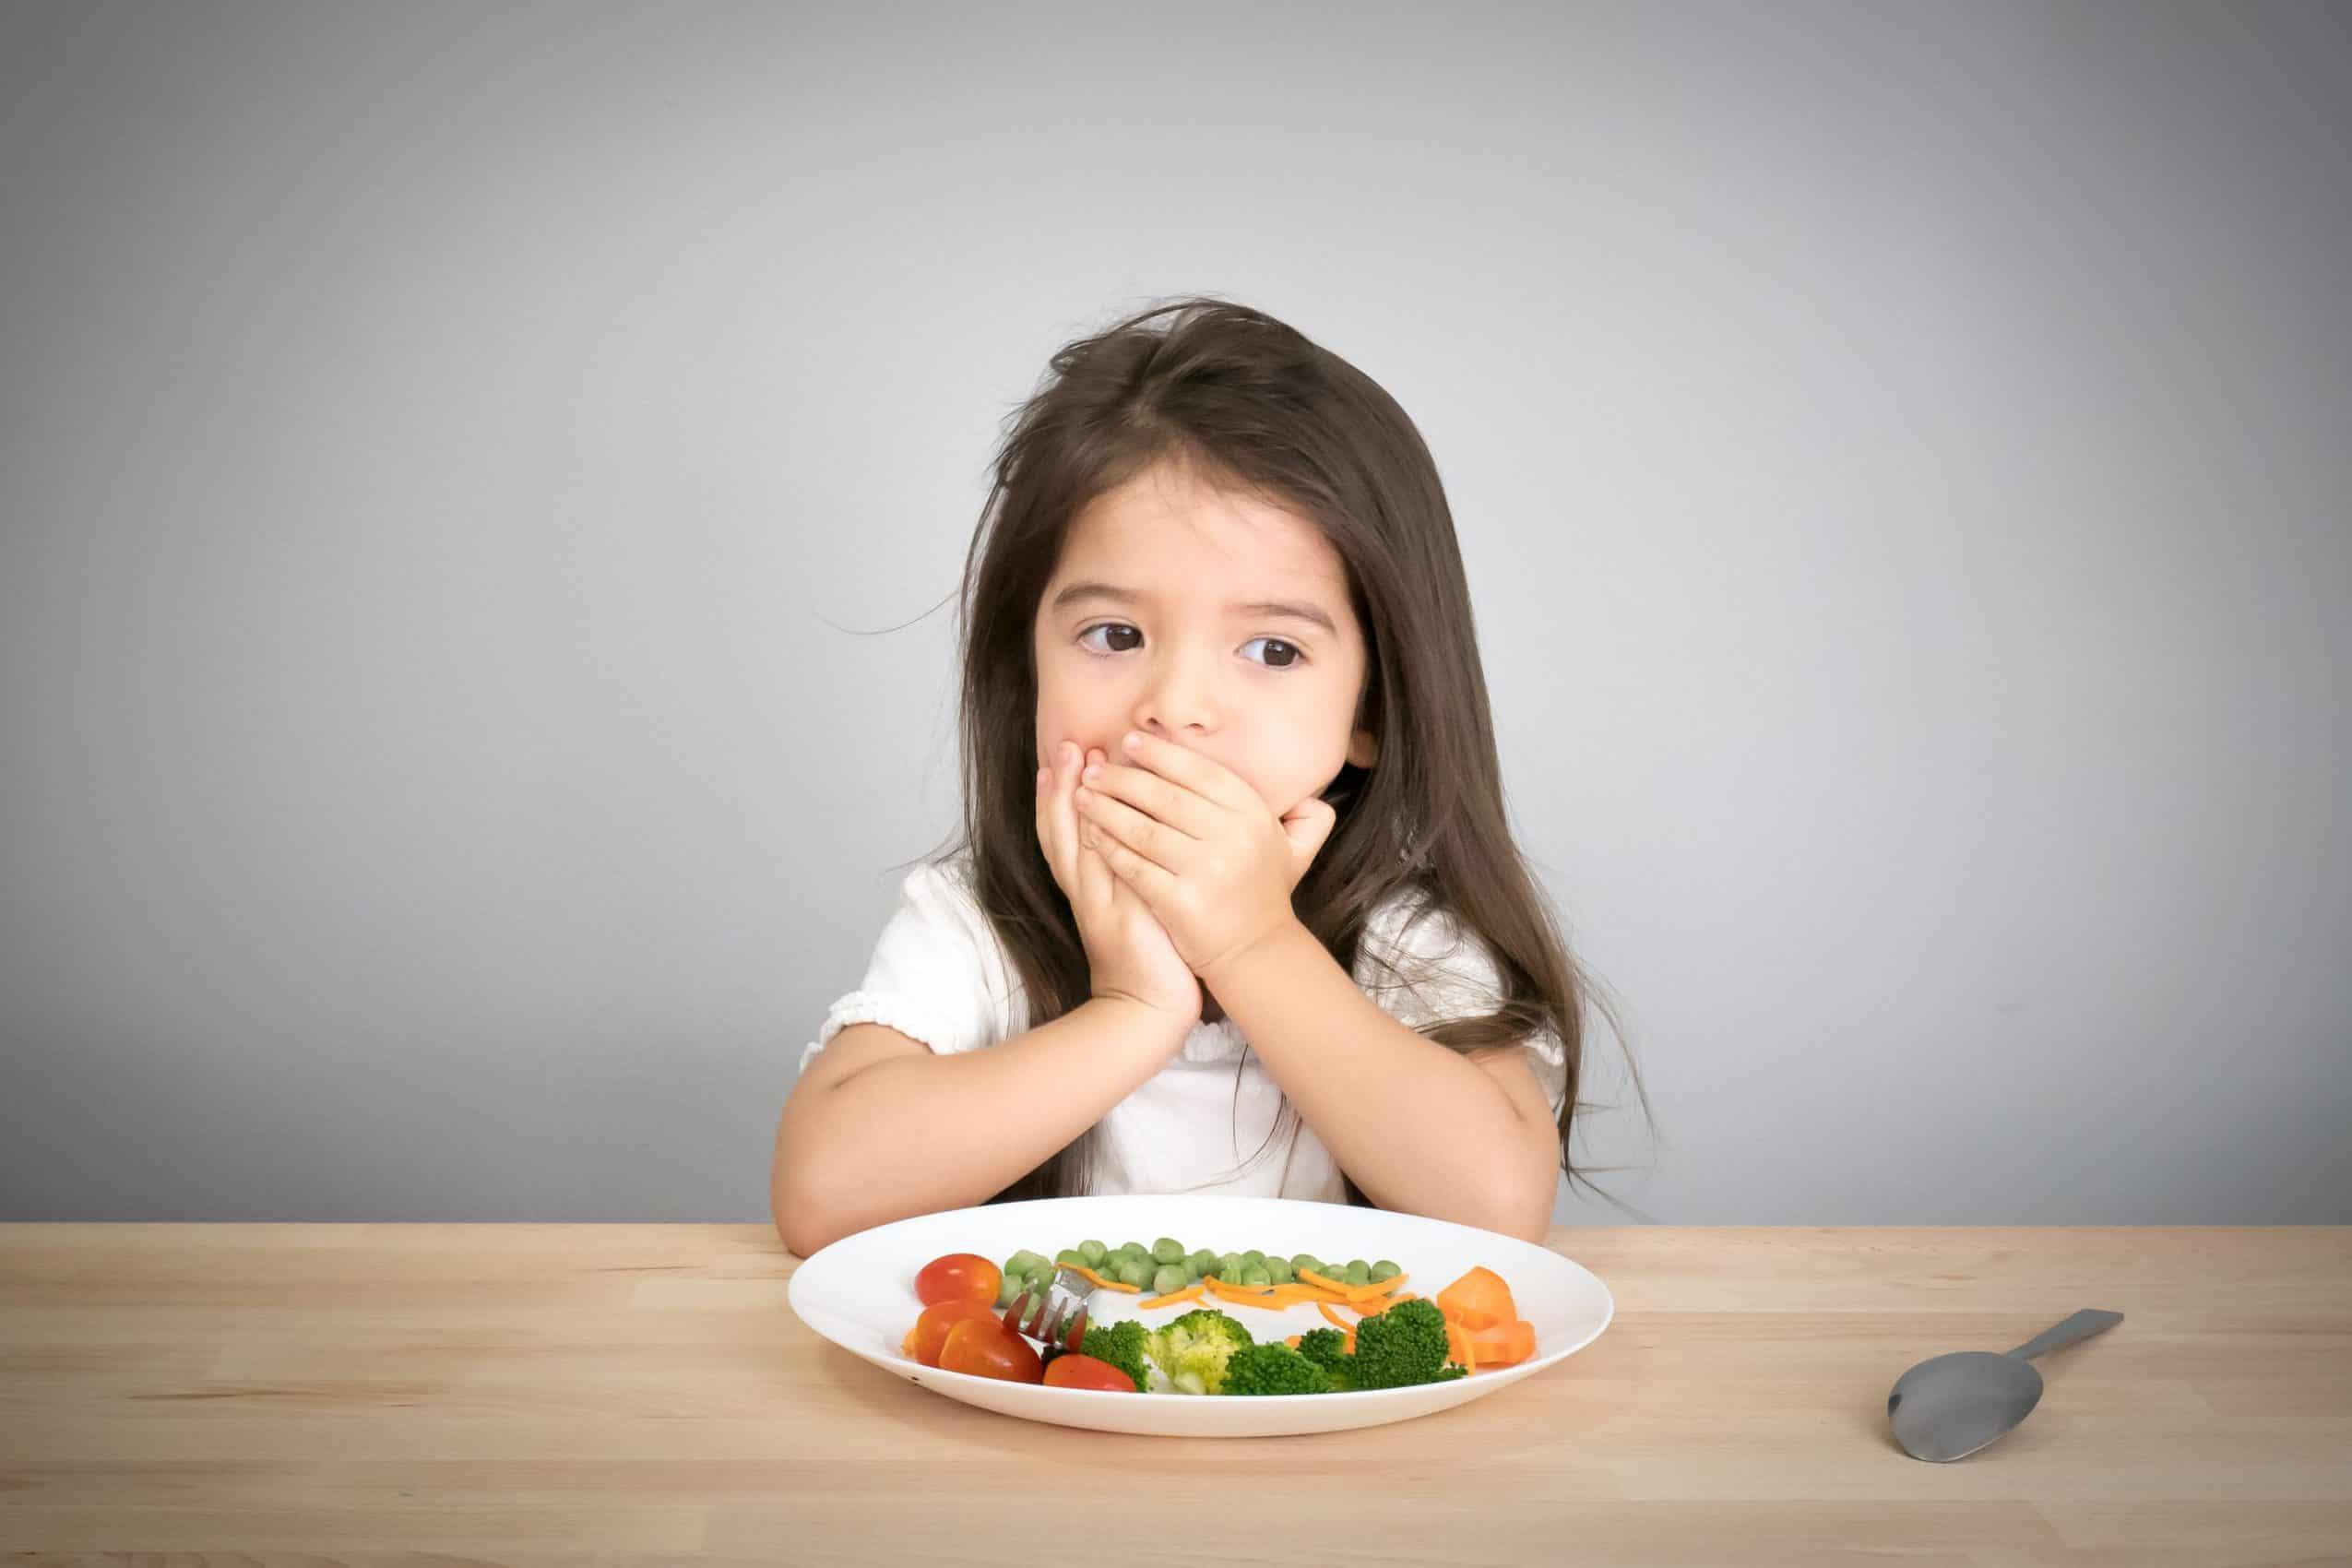 מרכז C.A.T   מדוע ילדים על הרצף מתאפיינים באכילה בררנית?